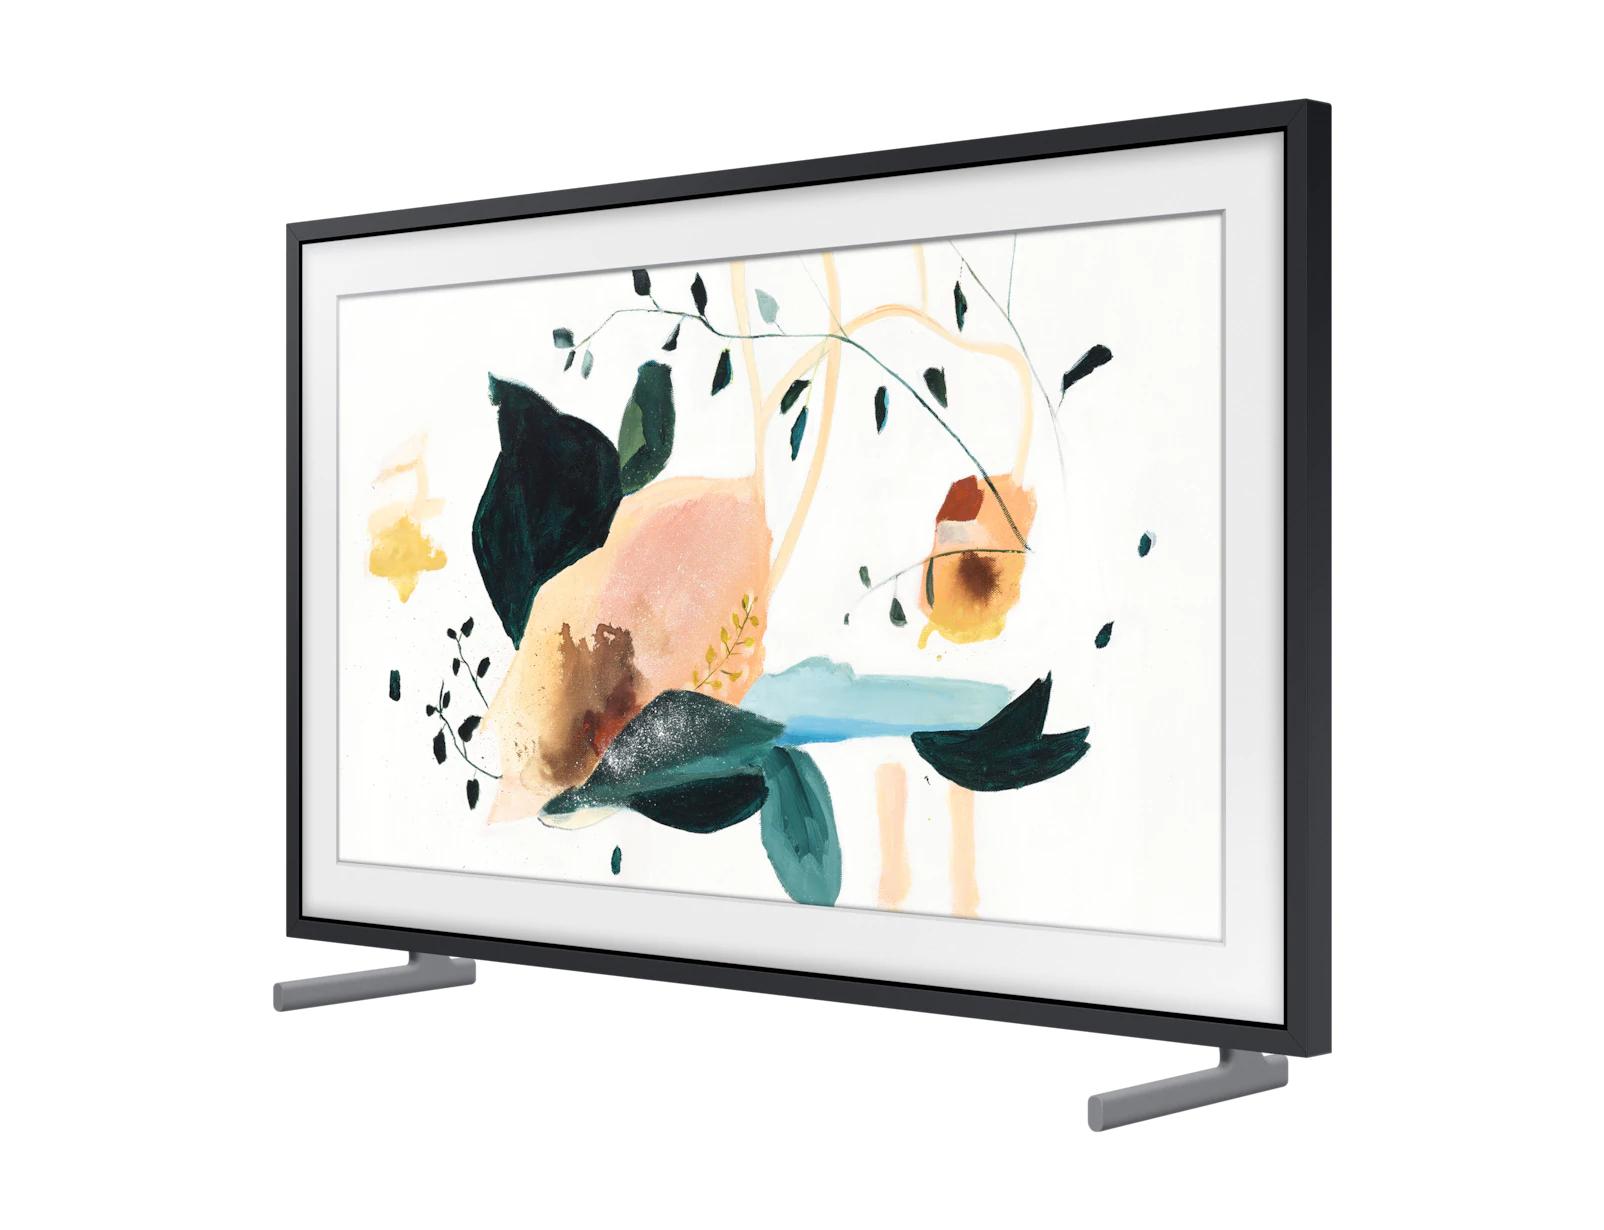 Televizor Samsung QE32LS03TBKXRU  - 4